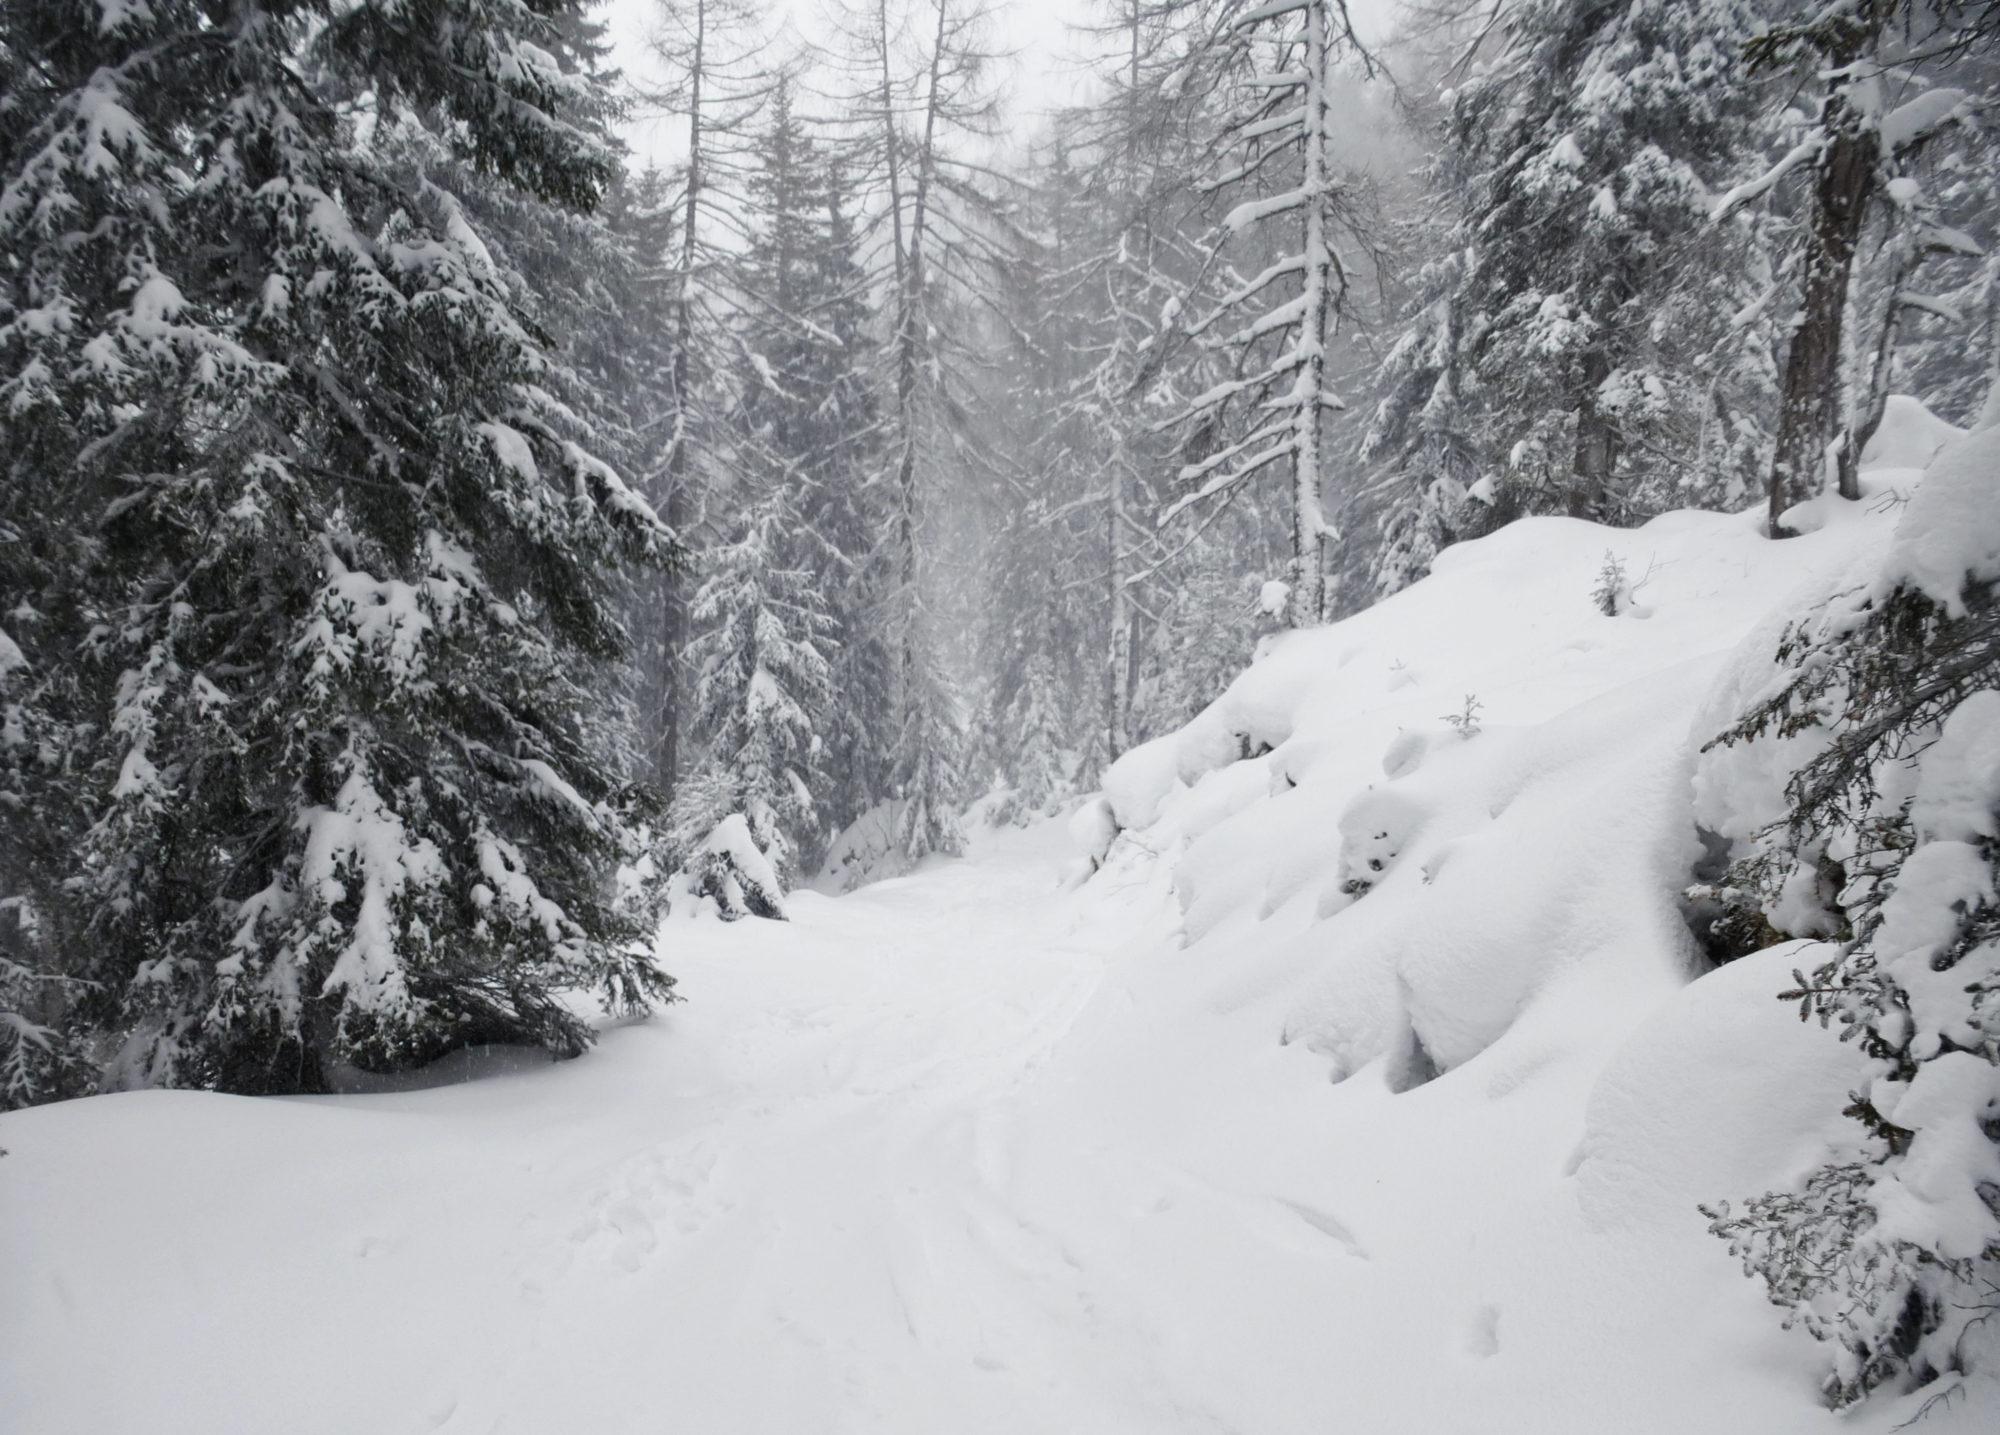 Nebel Schneeschuhtour Immerhin sieht man die nächsten Bäume.